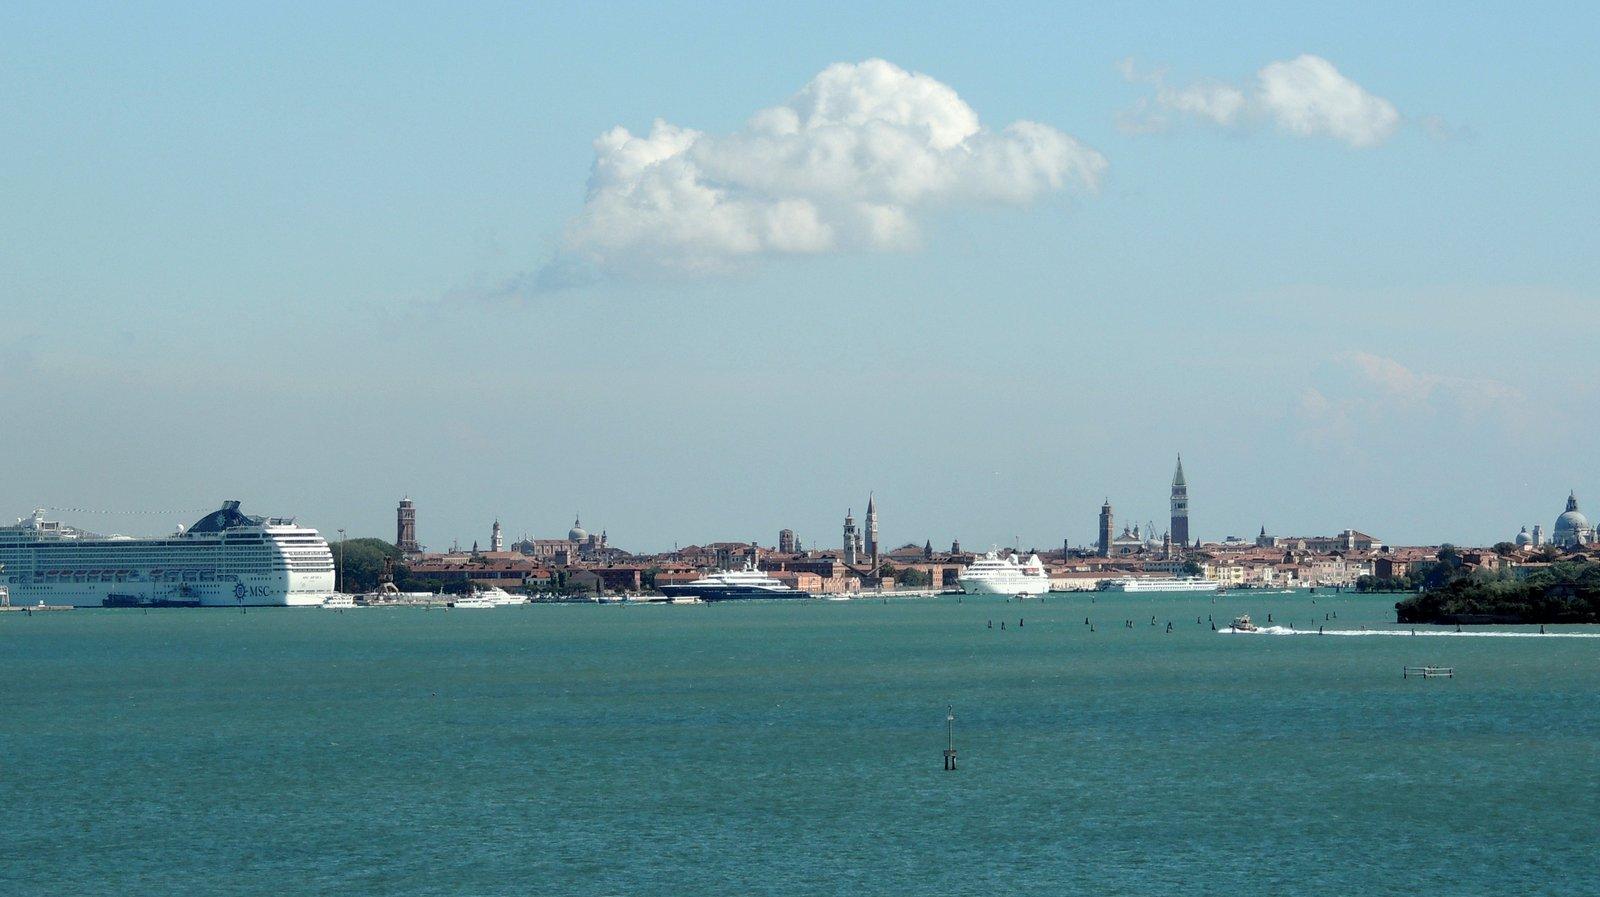 Venedig in der Ferne